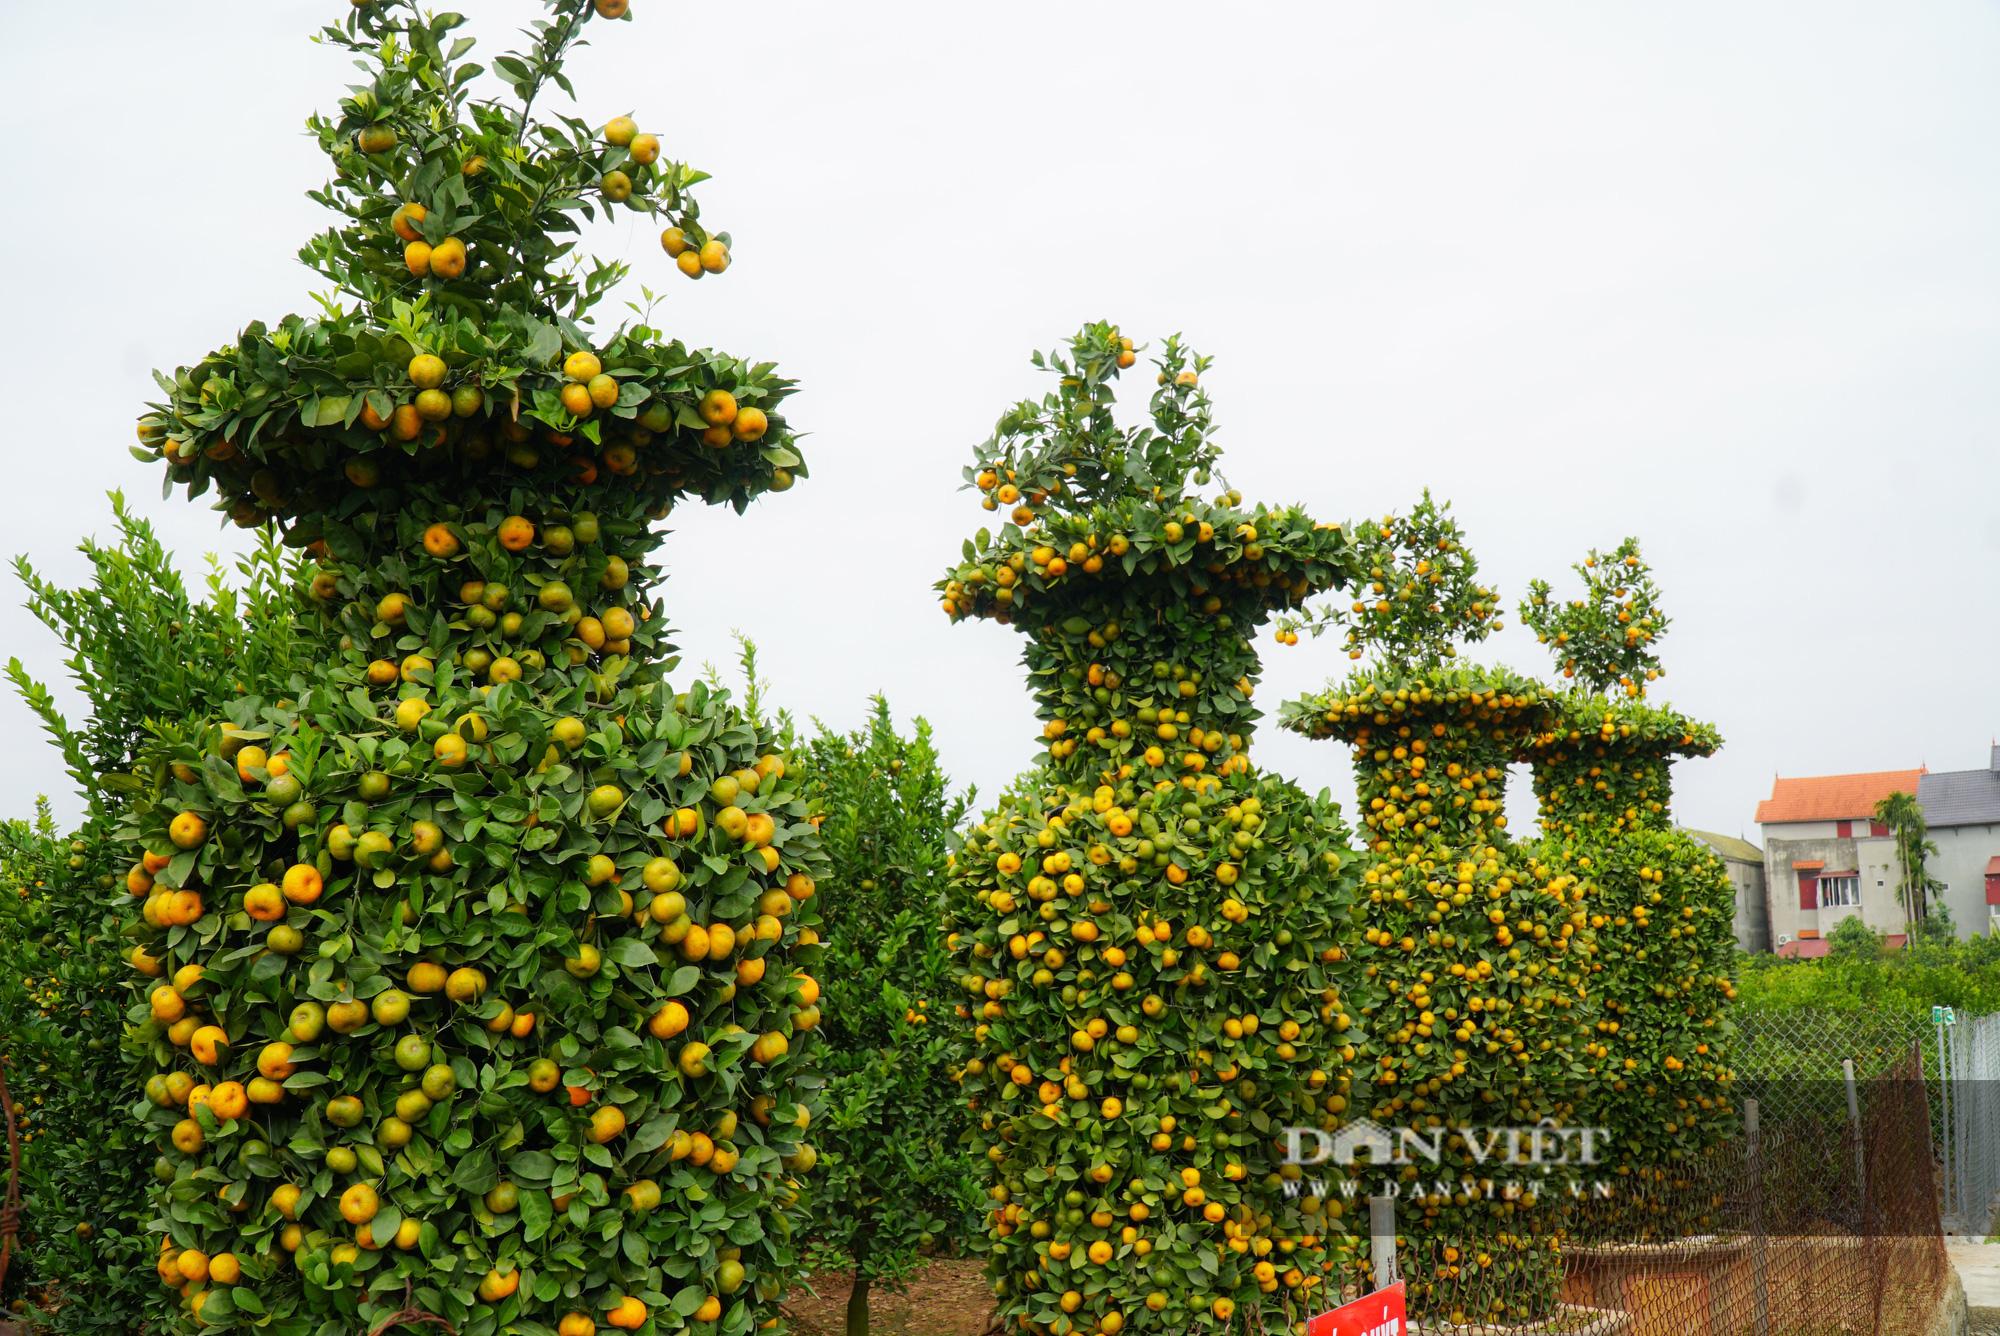 Quýt cảnh giảm giá sâu người trồng ngậm ngùi chịu lỗ - Ảnh 9.